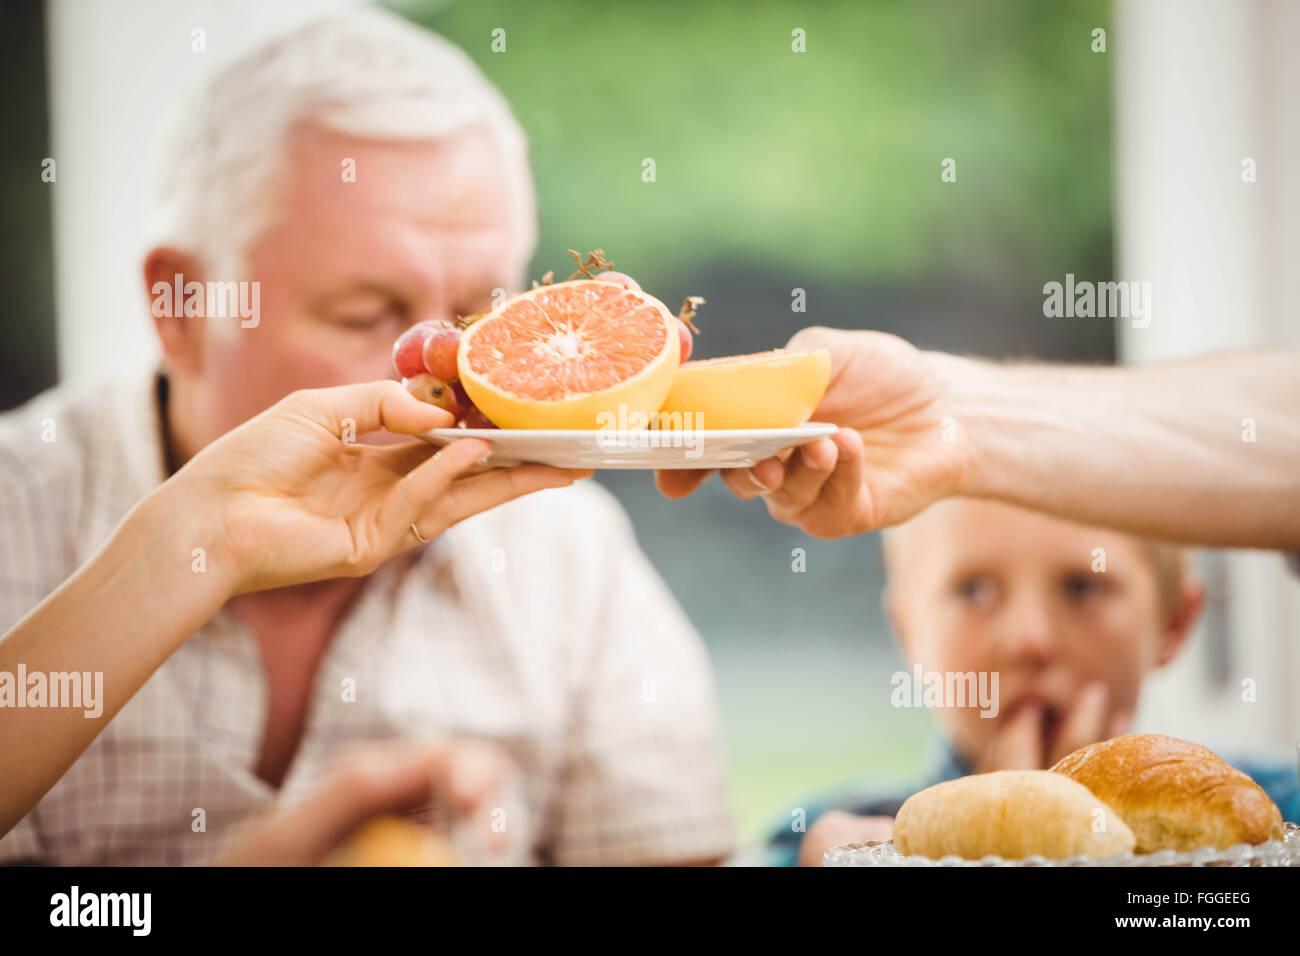 Nahaufnahme der Hände übergeben Obstteller Stockfoto